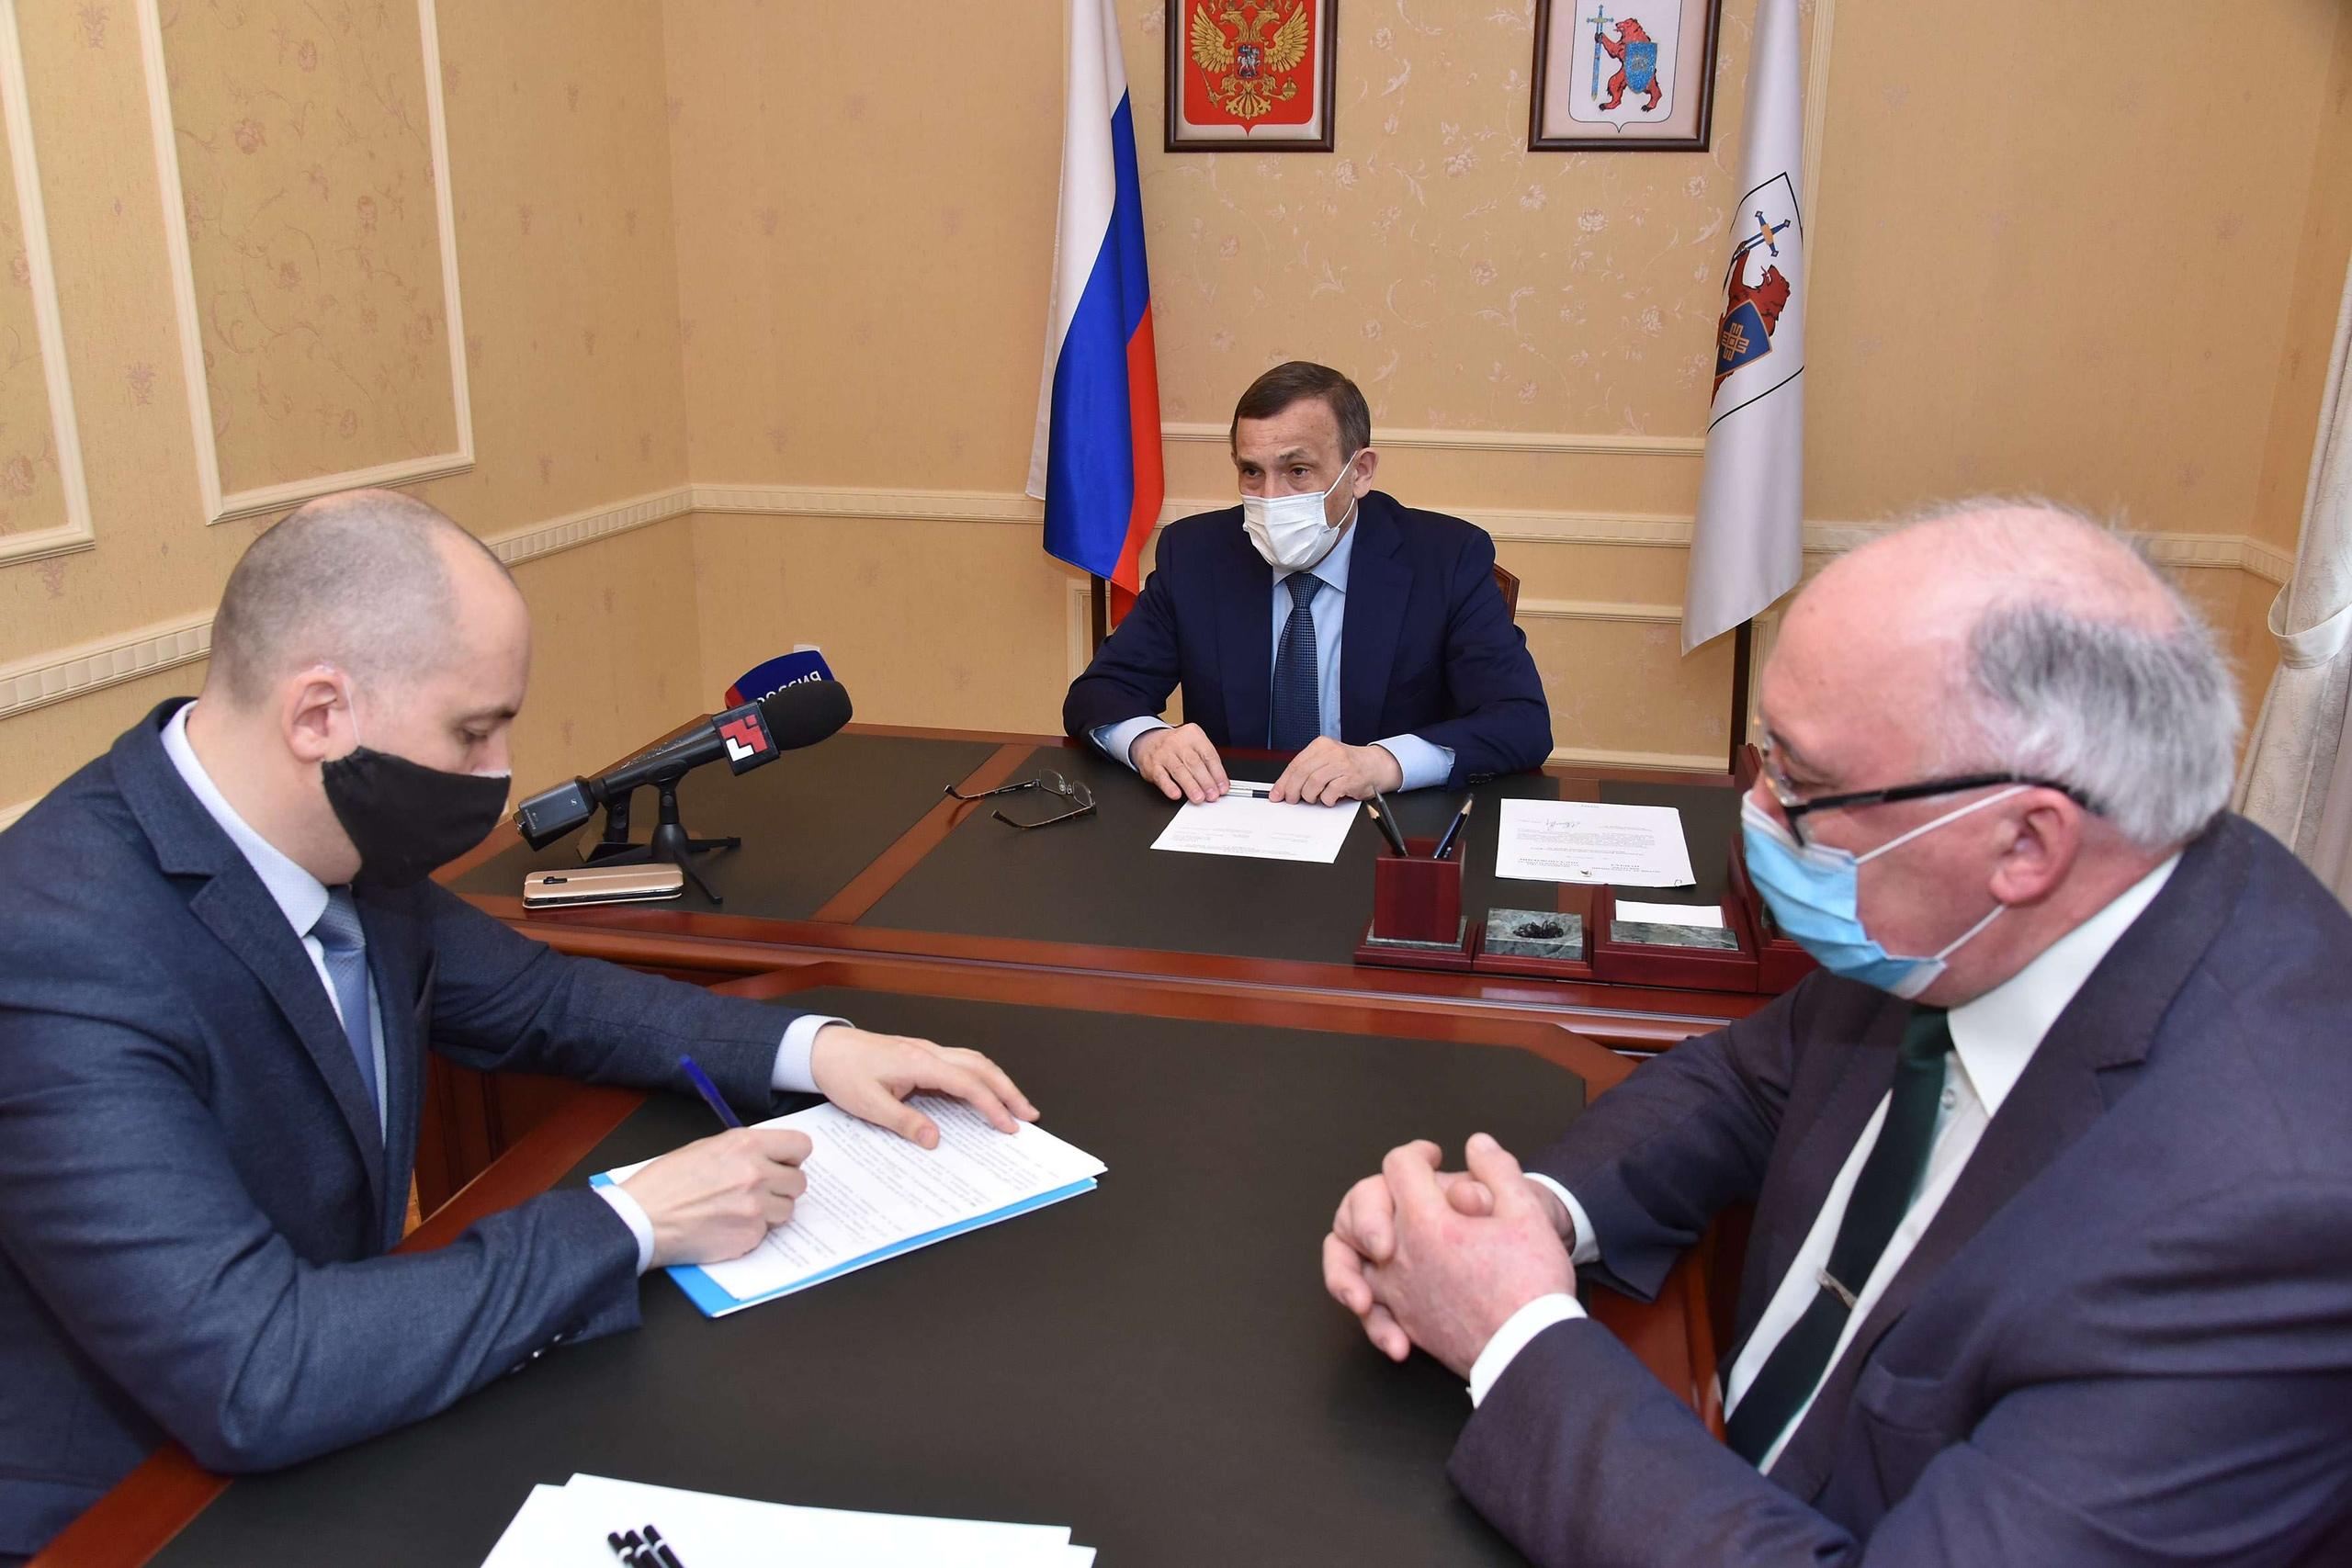 В Йошкар-Оле отремонтируют 11 пешеходных зон за 90 миллионов рублей